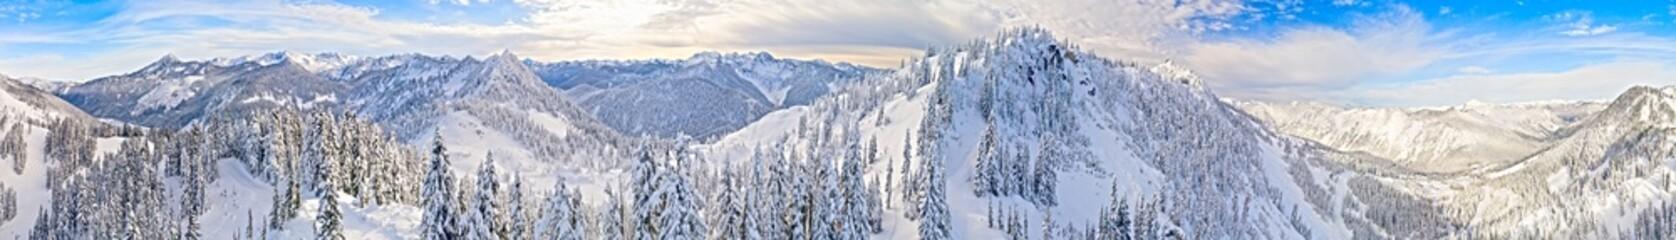 Stevens Pass Washington Ski Area 360 Aerial Panoramic View